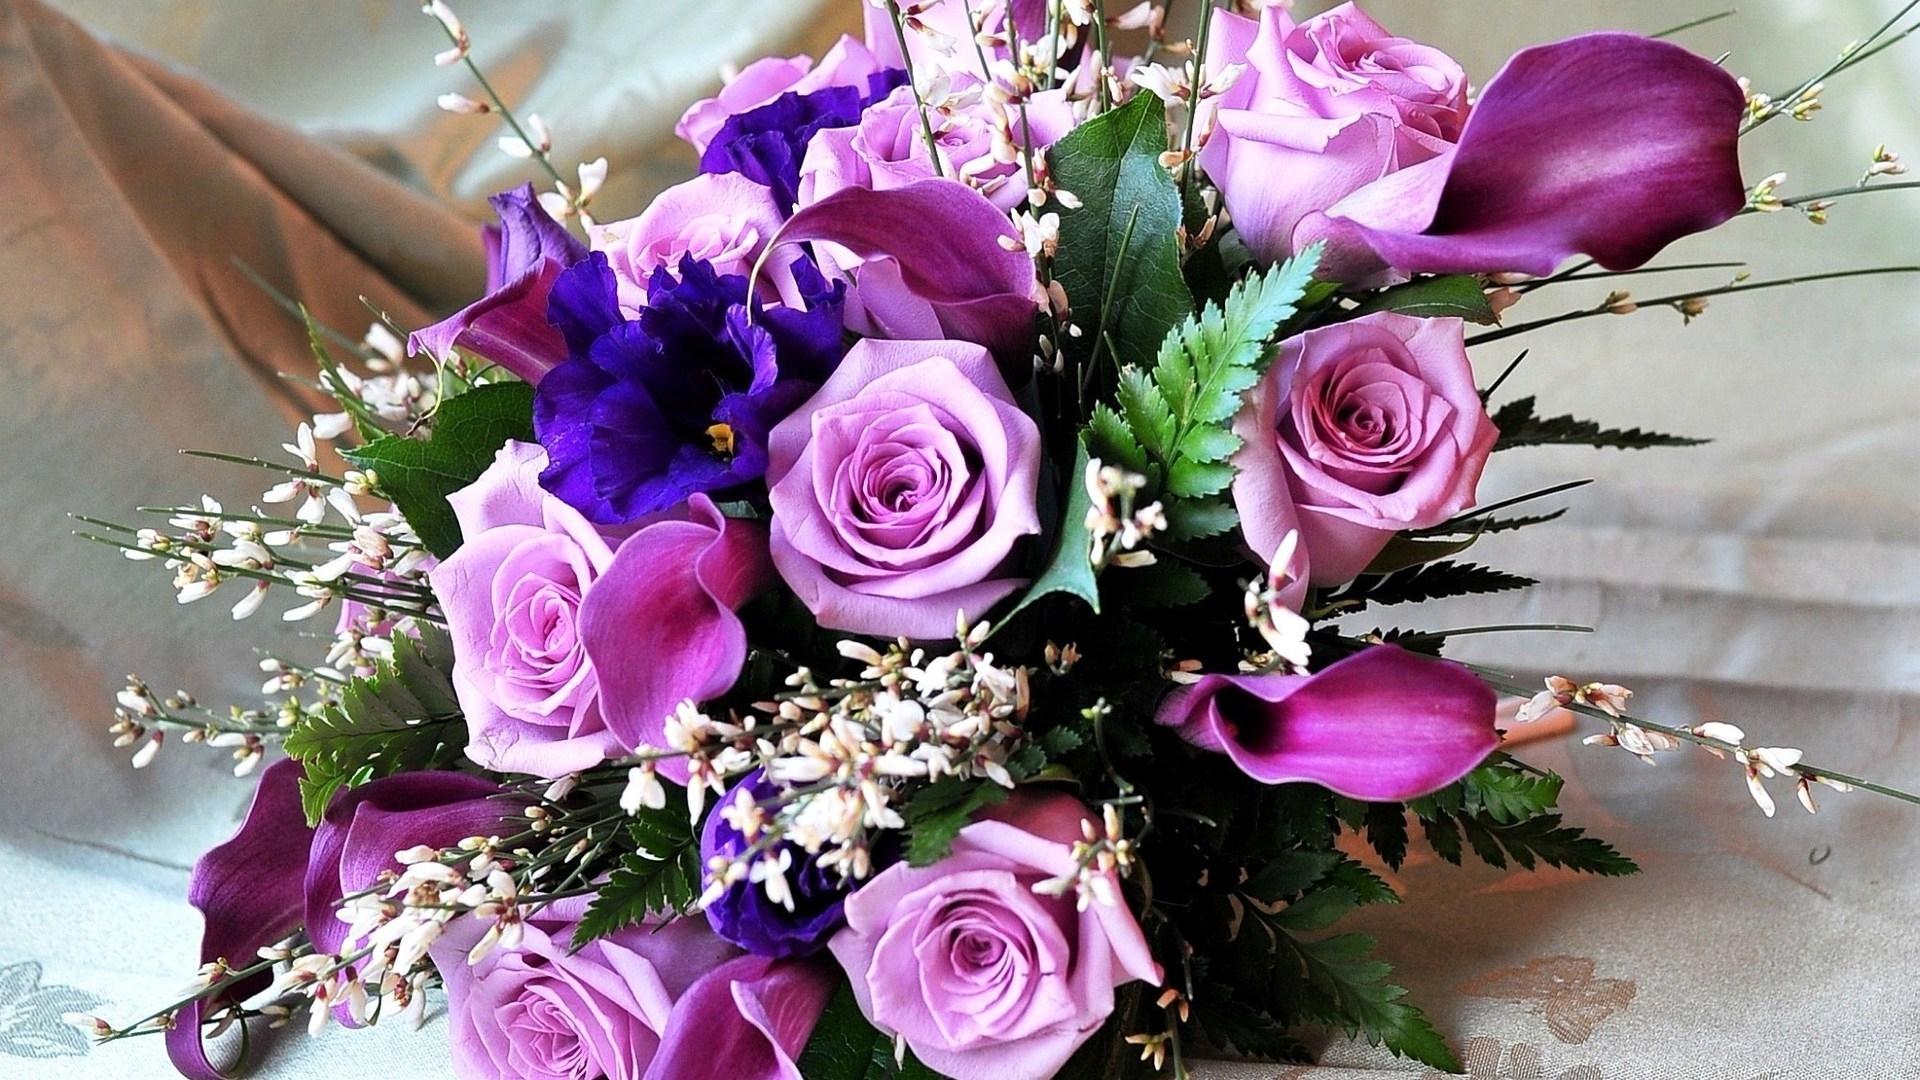 47876 скачать обои Цветы, Букеты, Растения - заставки и картинки бесплатно